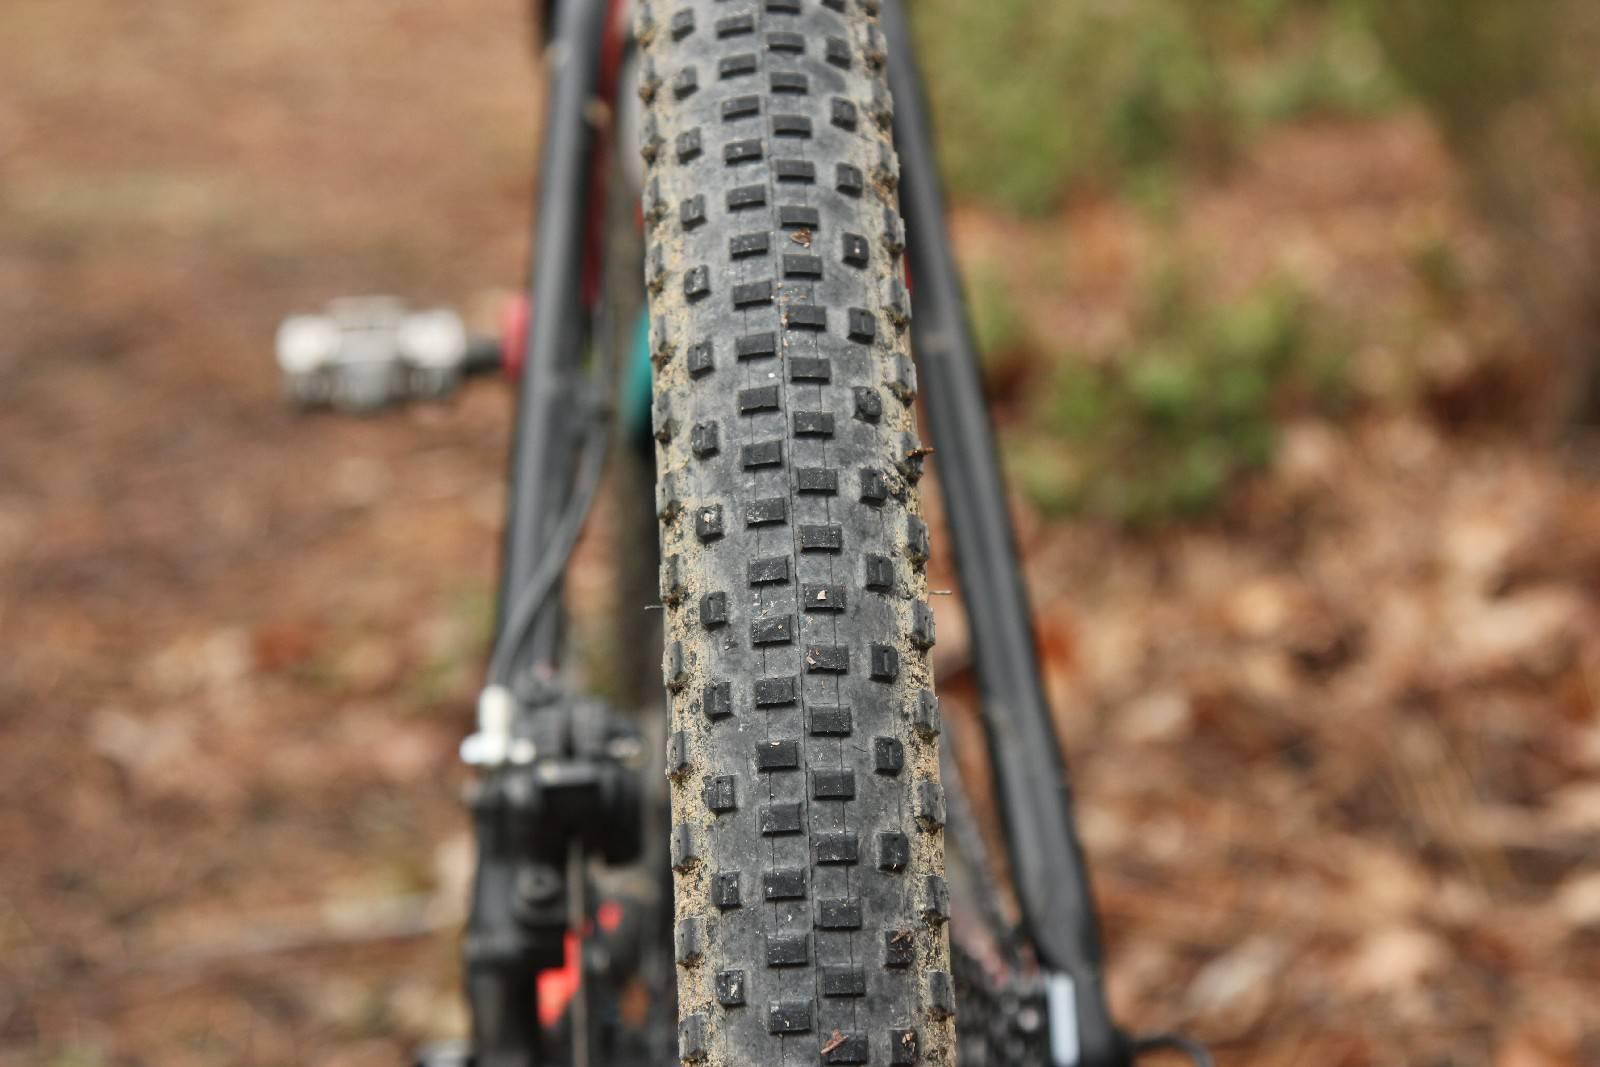 Per avventure e viaggi in bici meglio preferire copertoni scorrevoli. Ph Davide Ferrigno